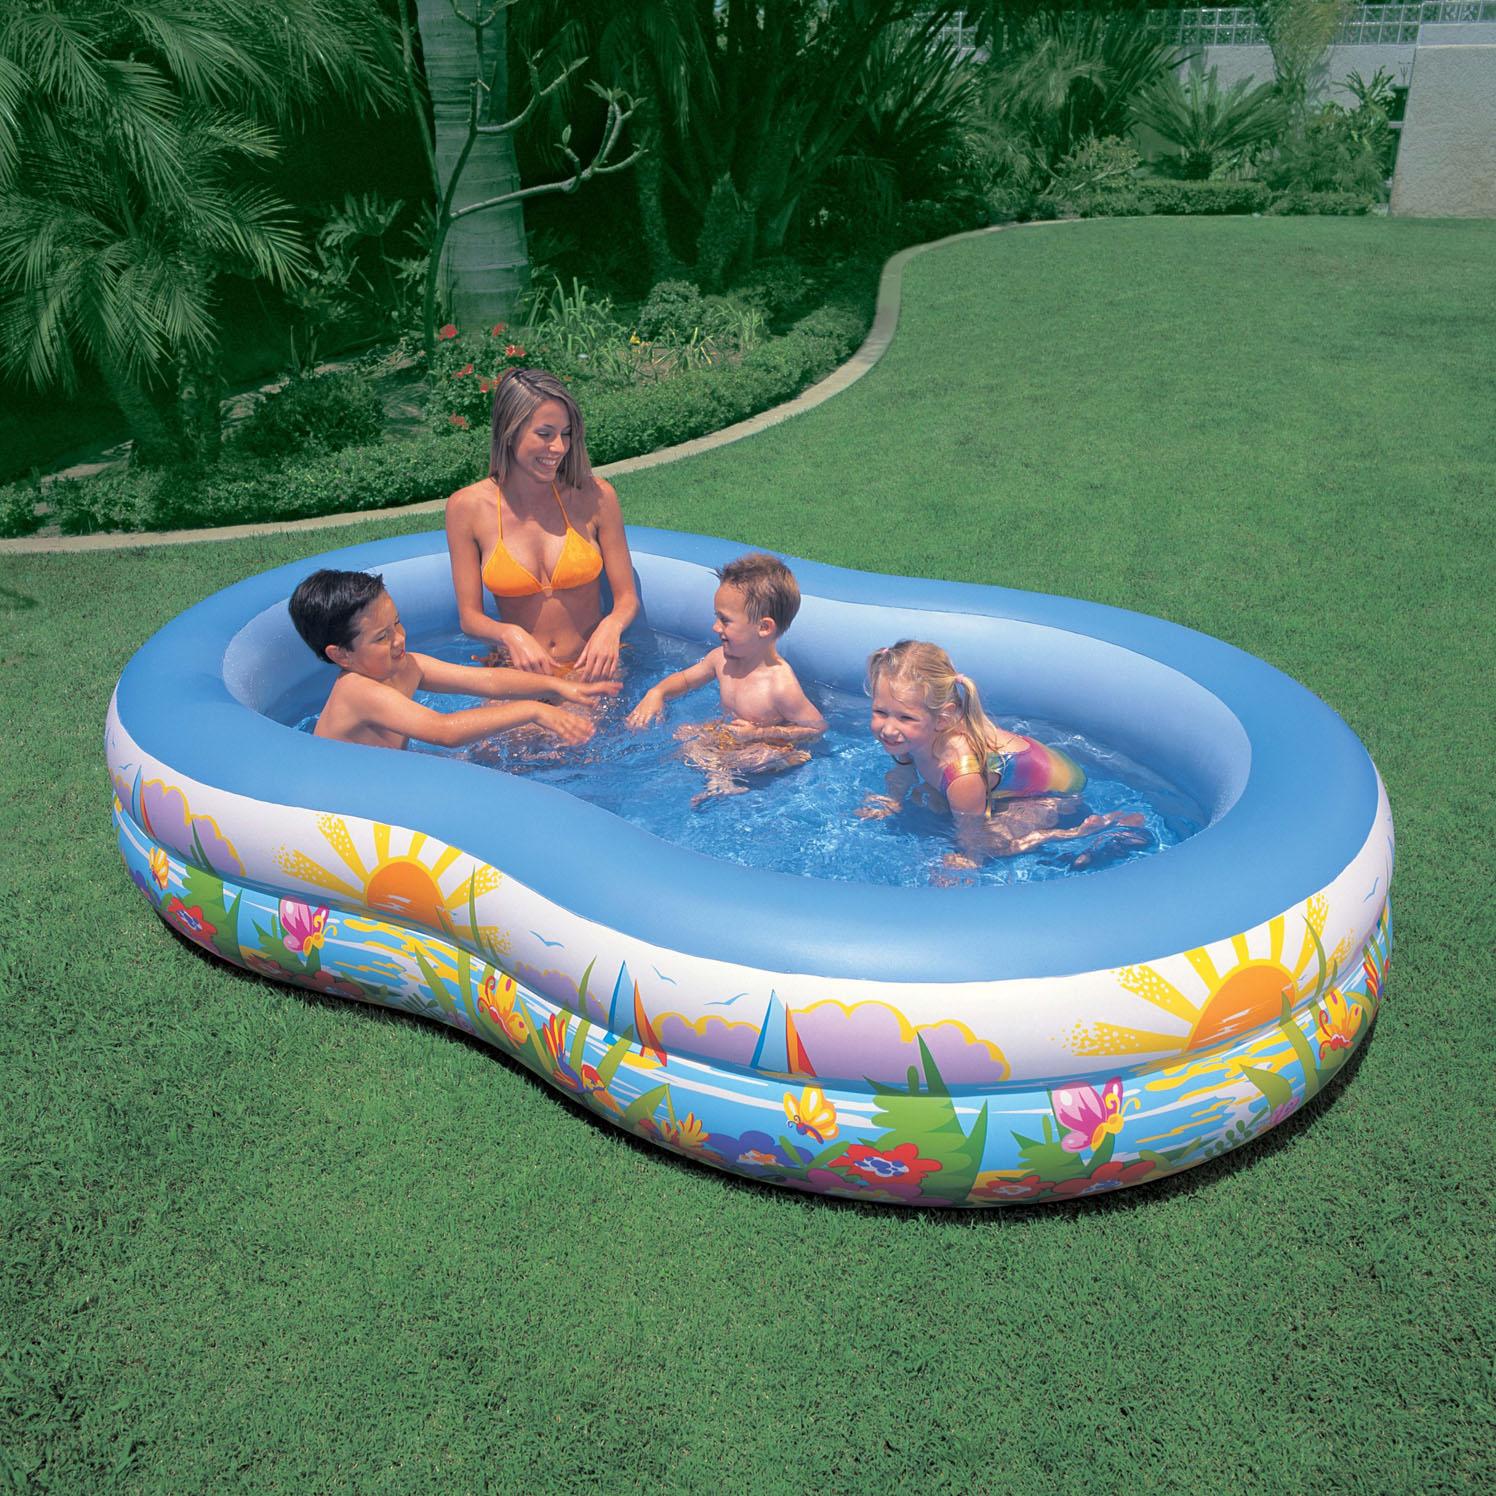 intex 8字形时尚家庭游泳池 儿童游泳池 充气水池 262*160*46cm